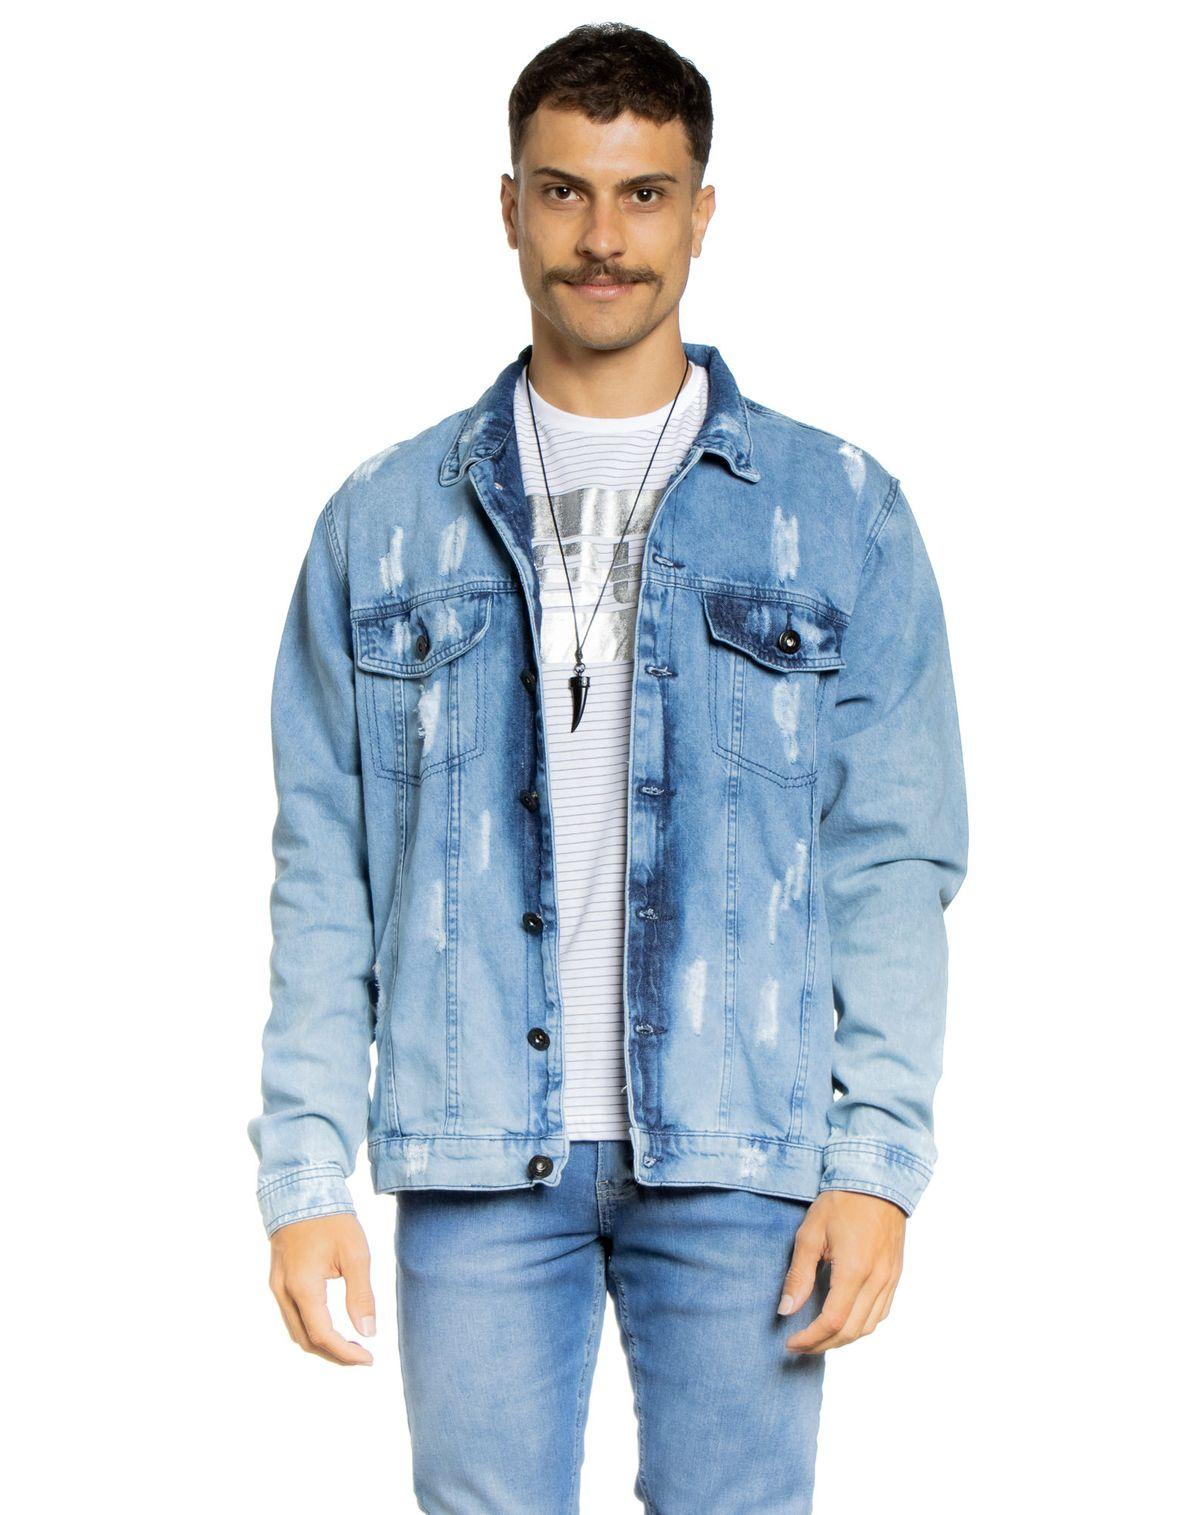 595170001-jaqueta-jeans-masculina-estonada-puidos-jeans-p-e6e